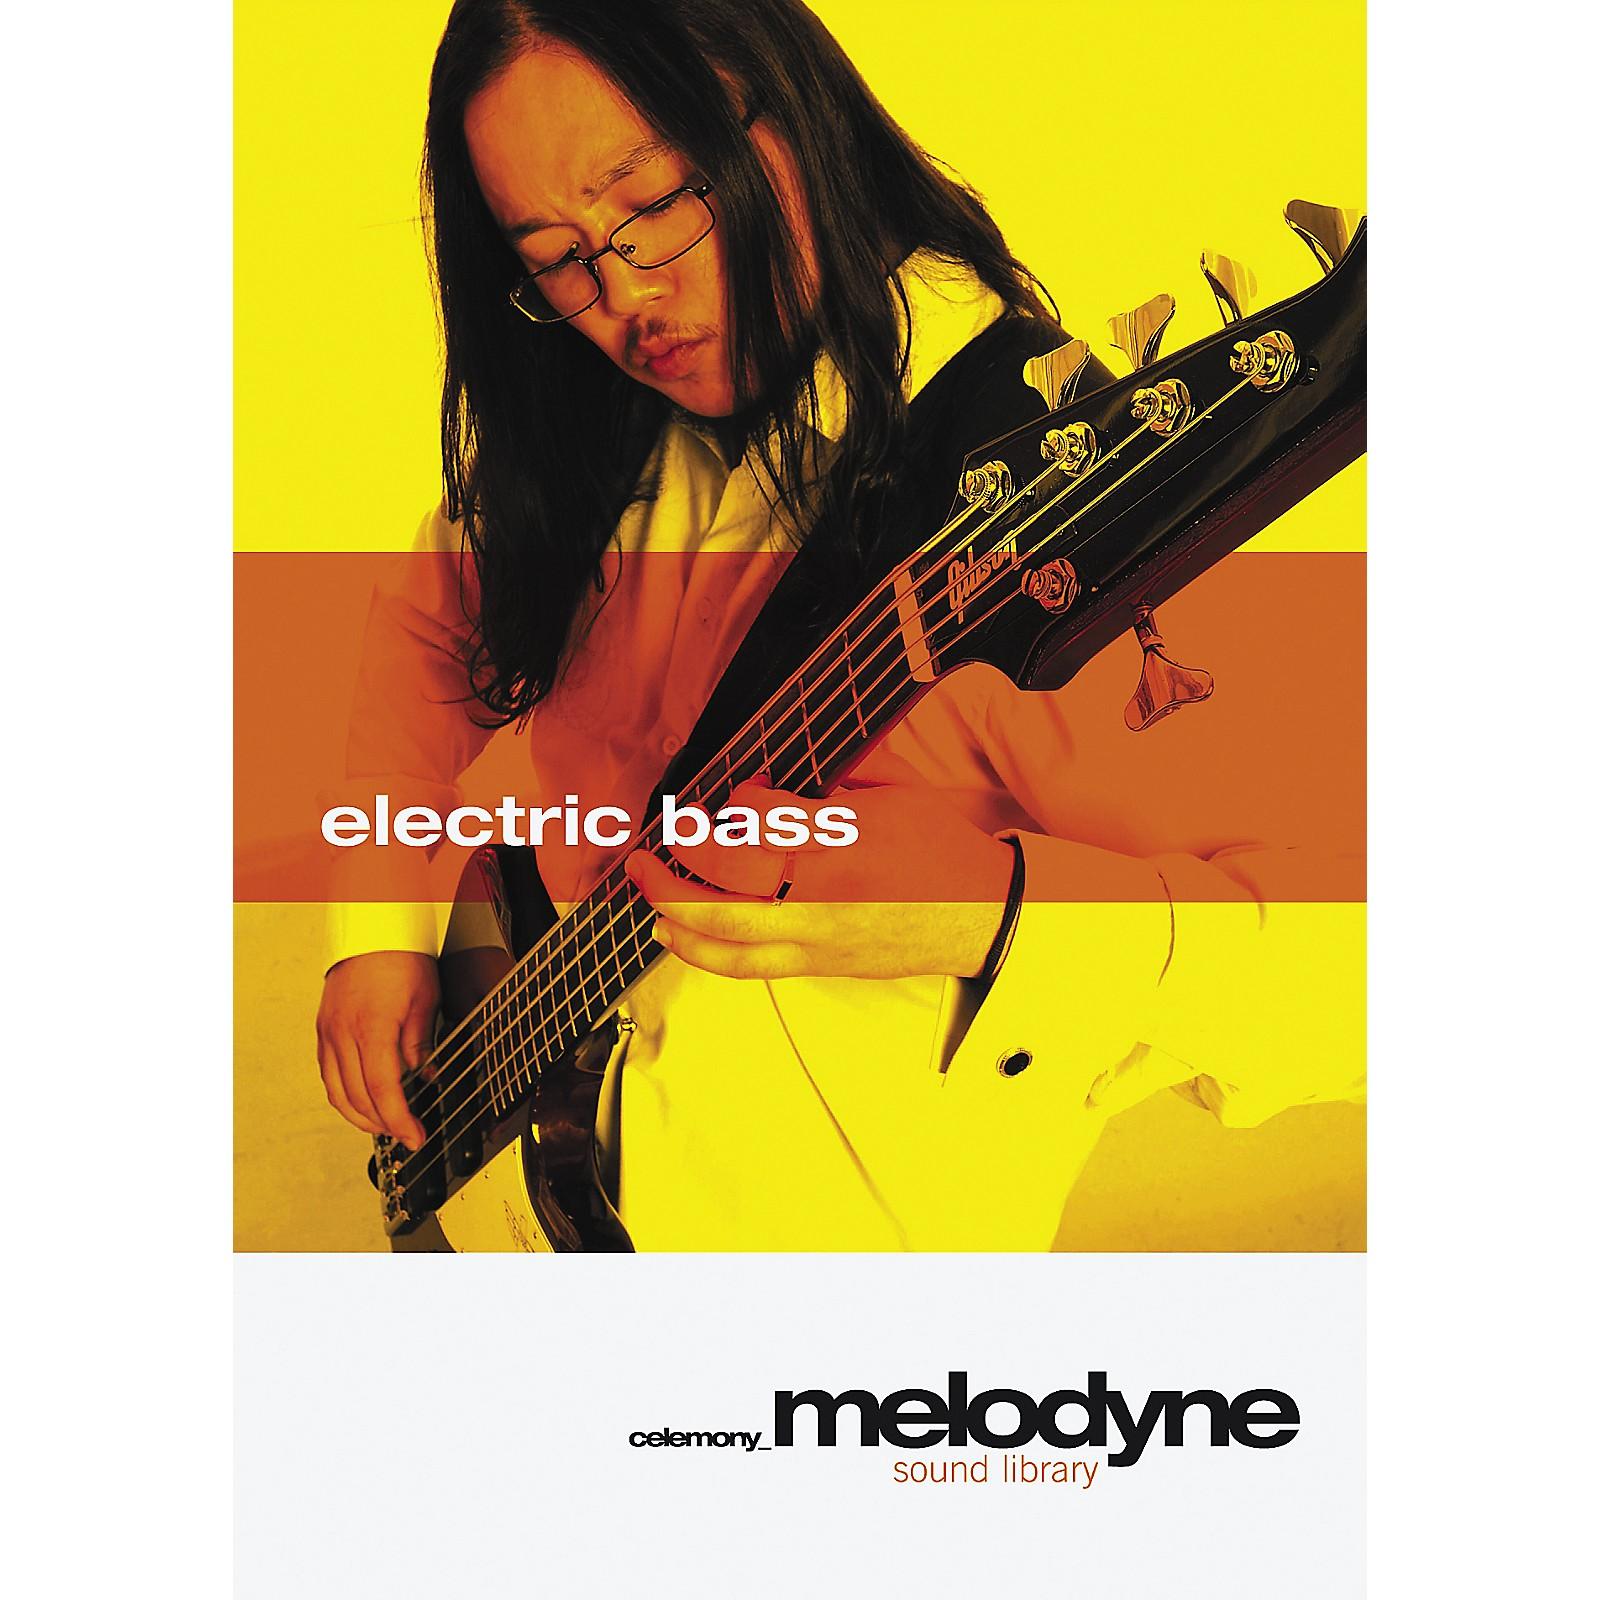 Celemony Melodyne Sound Library Electric Bass